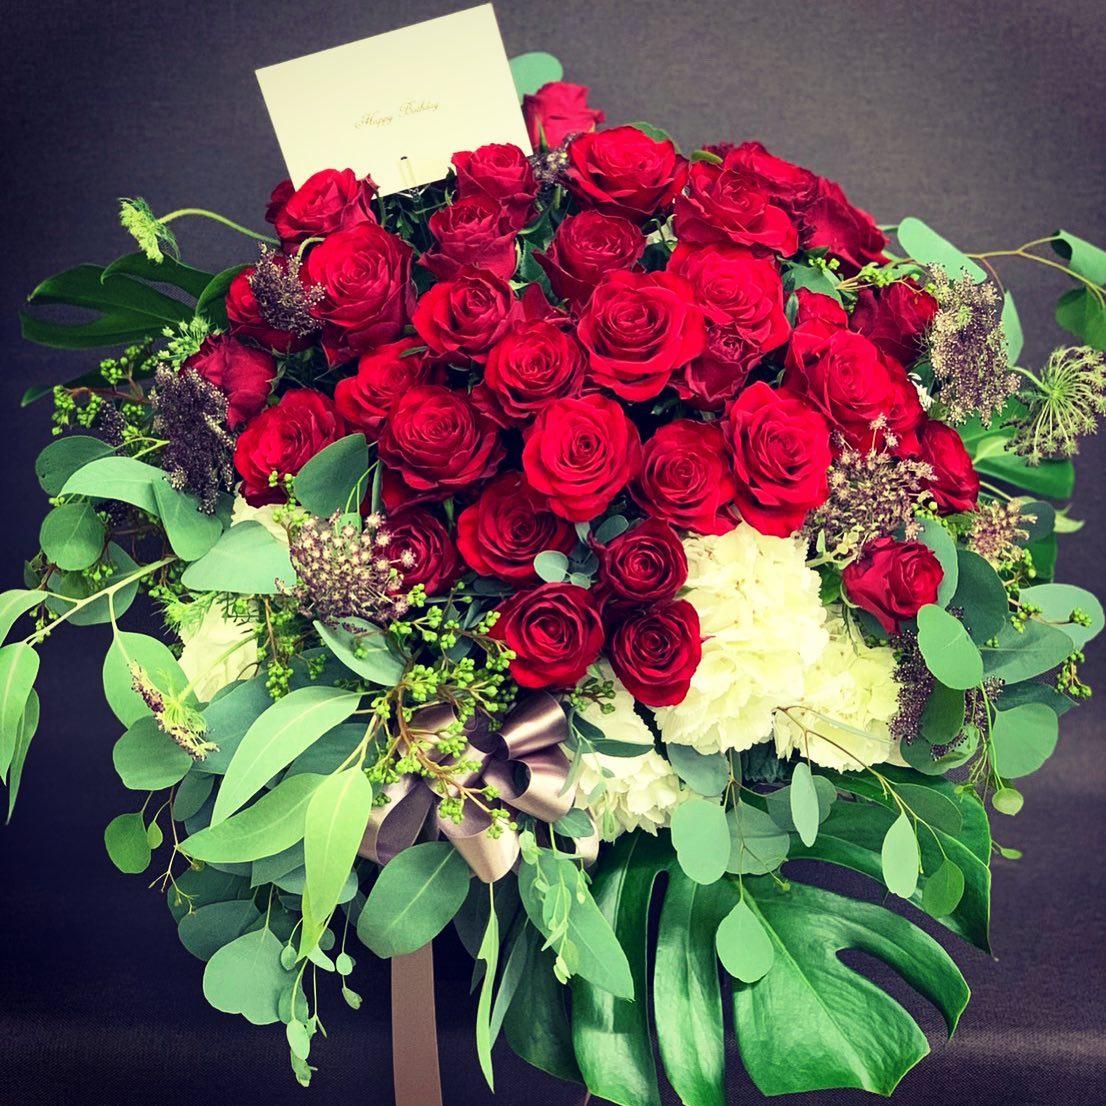 お祝いに赤バラメインのゴージャスアレンジメント!脇役草花はスタッフさんのお庭で大切に育てた草花です^ ^